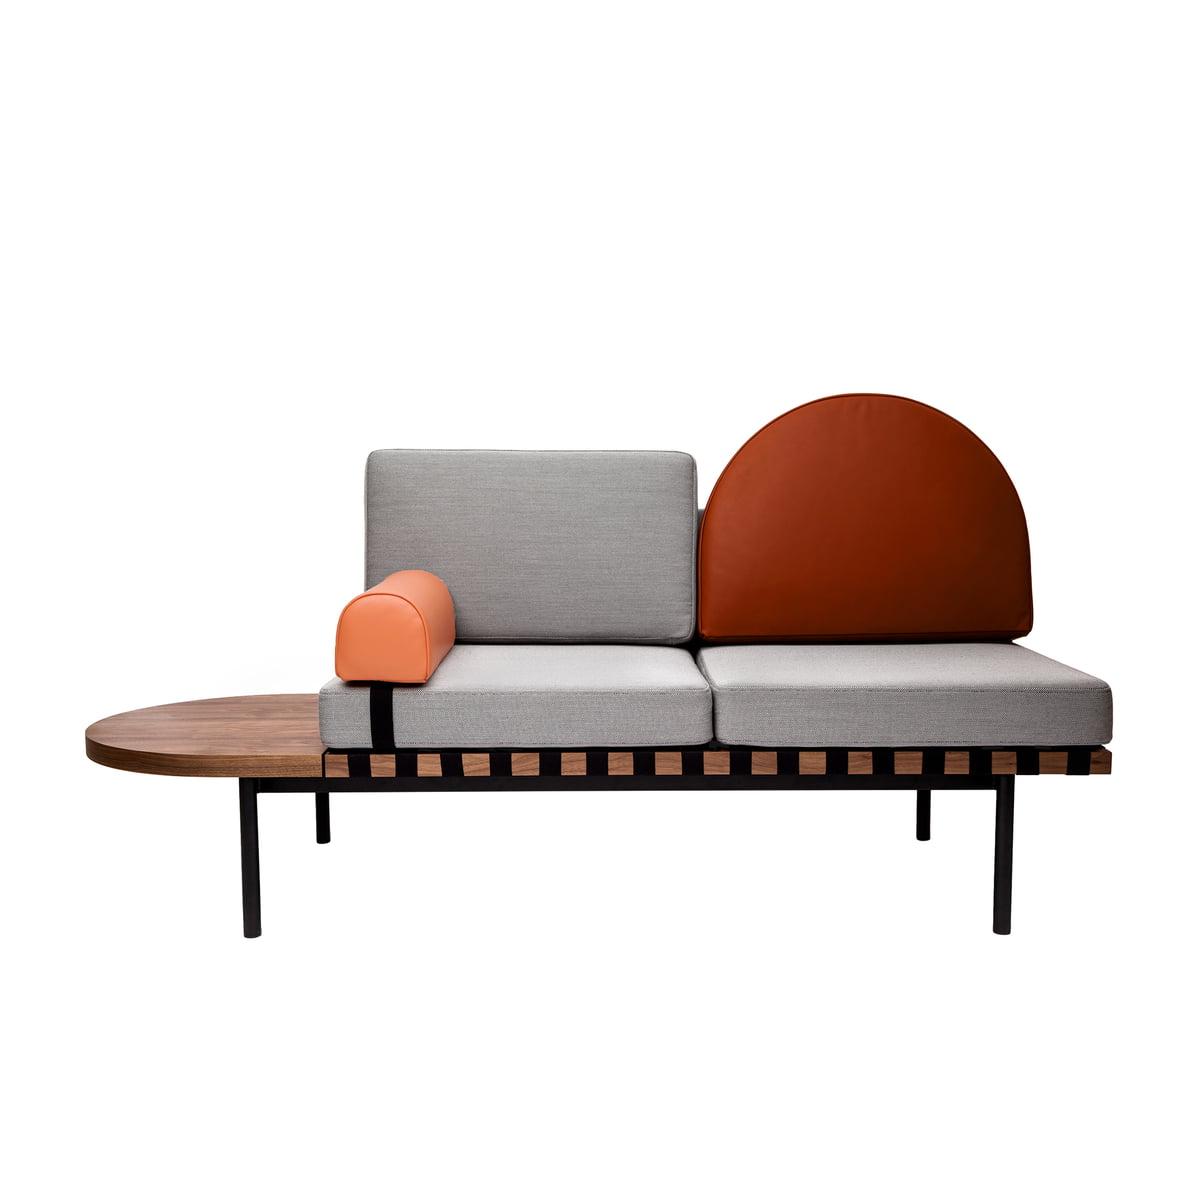 Full Size of Halbrundes Sofa Schwarz Im Klassischen Stil Klein Ikea Halbrunde Couch Rot Ebay Samt Big Gebraucht Grid Daybed Von Friture Connox 2 Sitzer Himolla 3 Mit Sofa Halbrundes Sofa